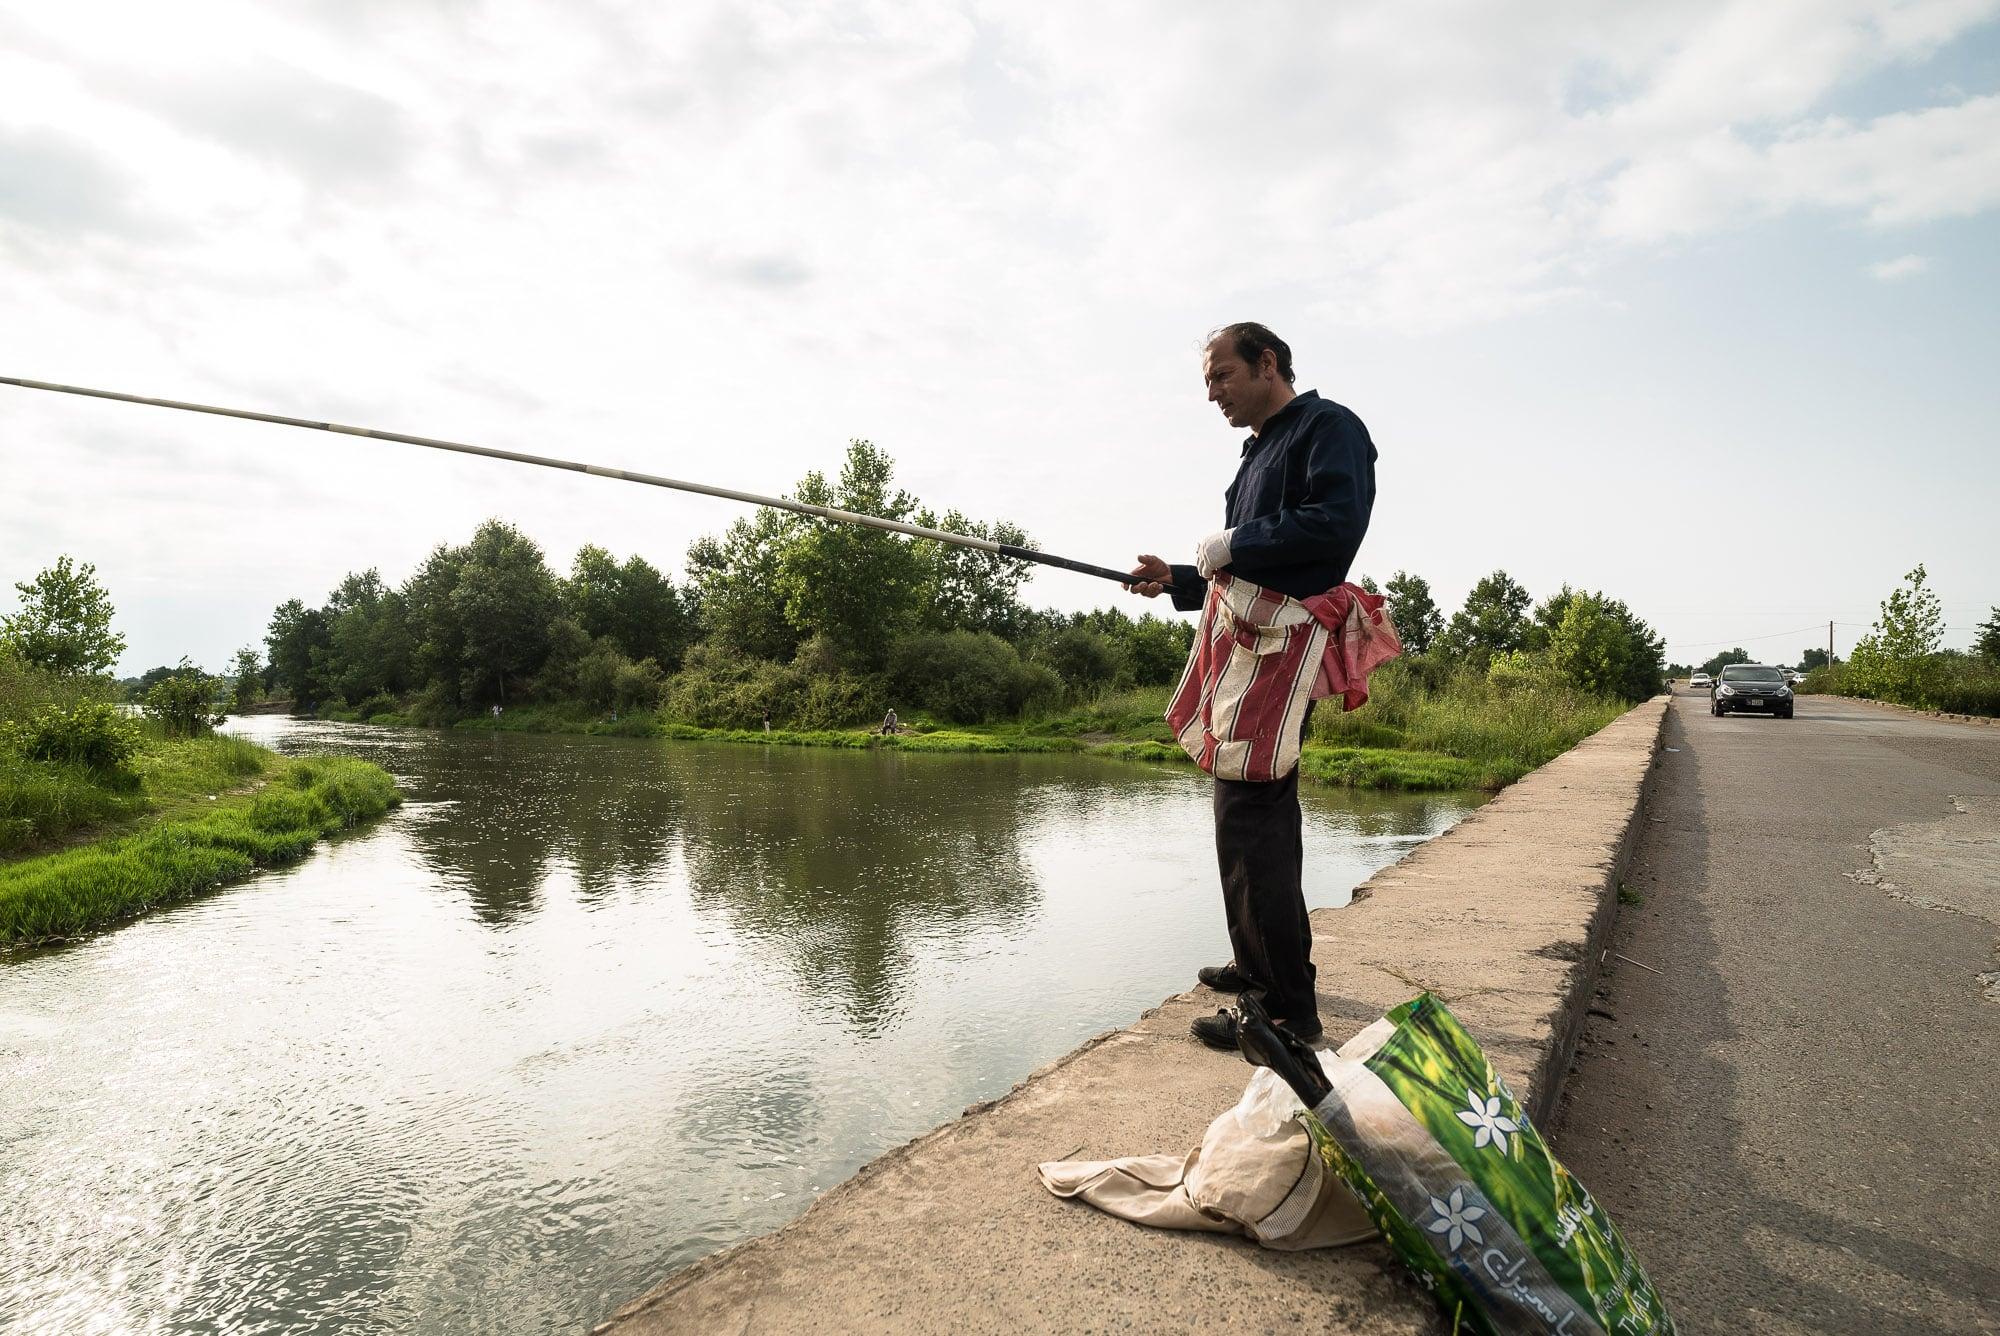 fishing dude